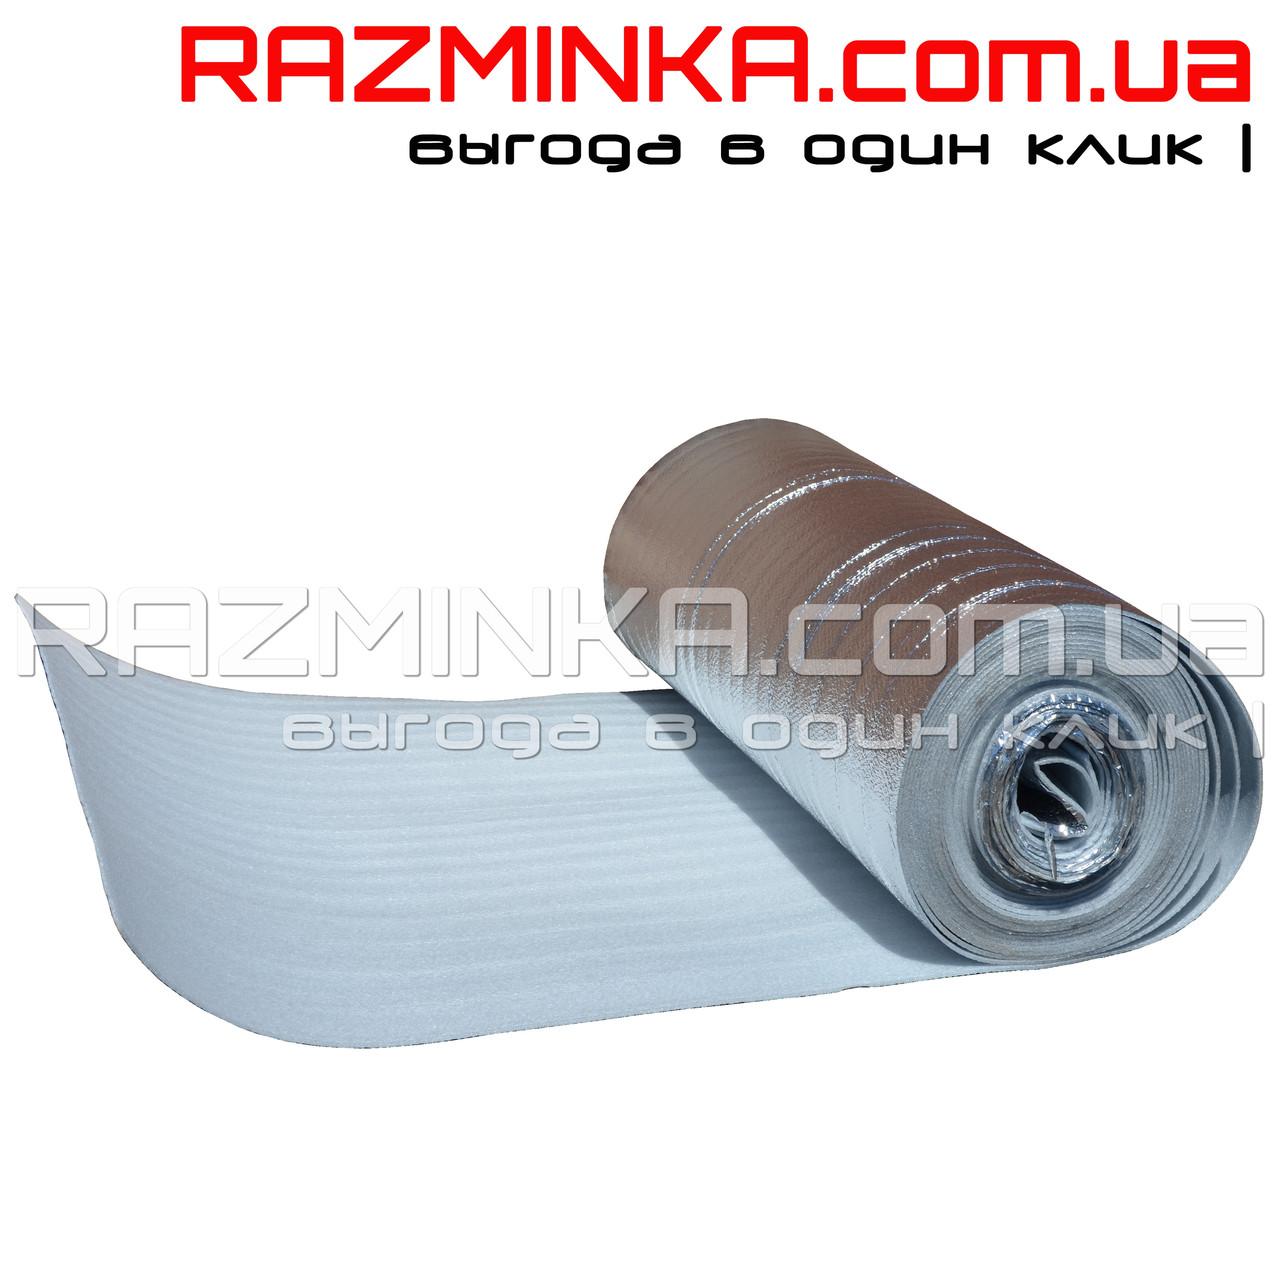 Полотно ппэ ламинированное металлизированной пленкой 5мм (50м2)